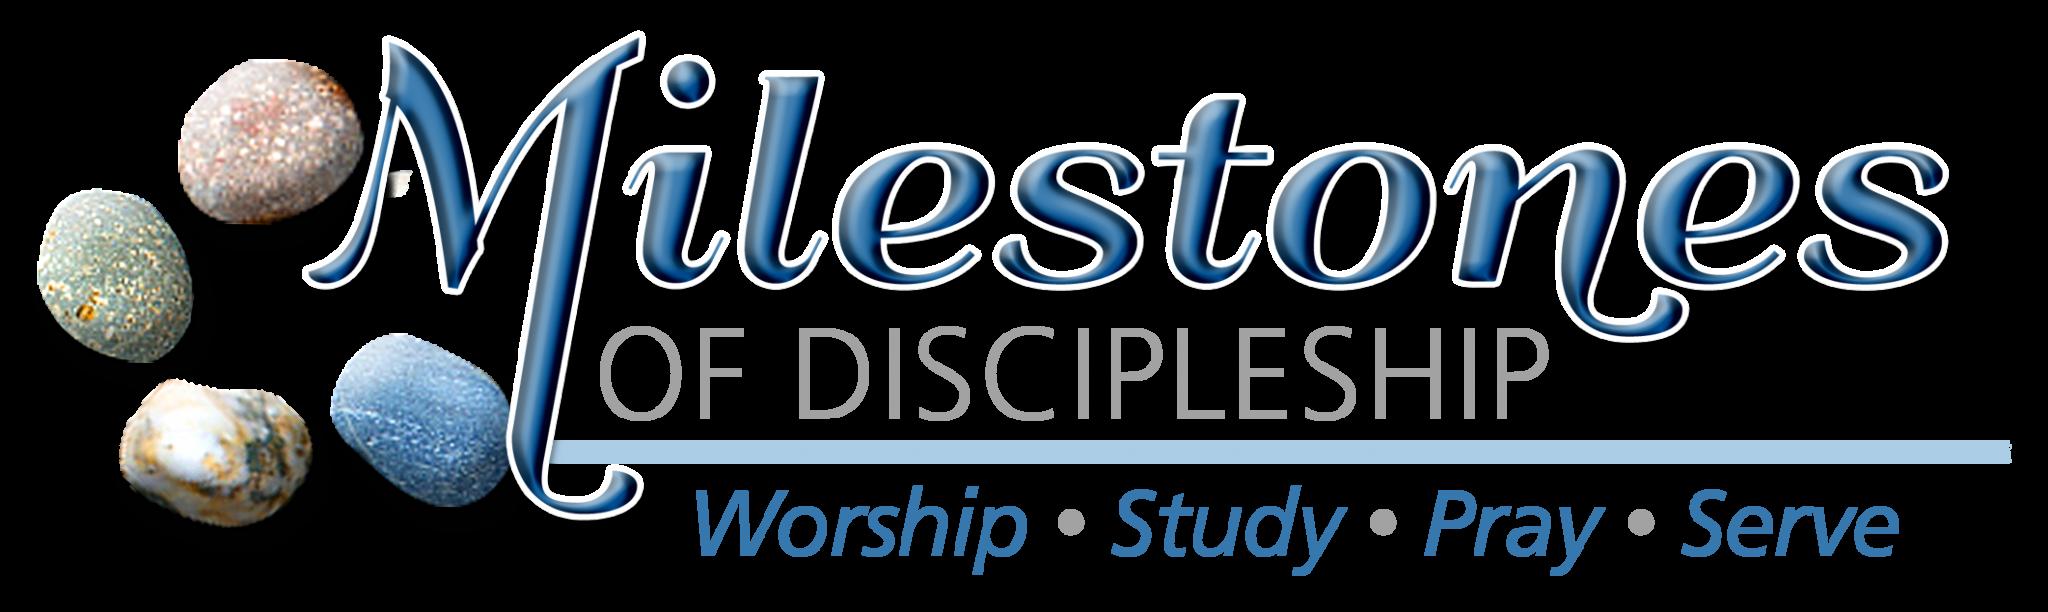 Discipleship Milestones